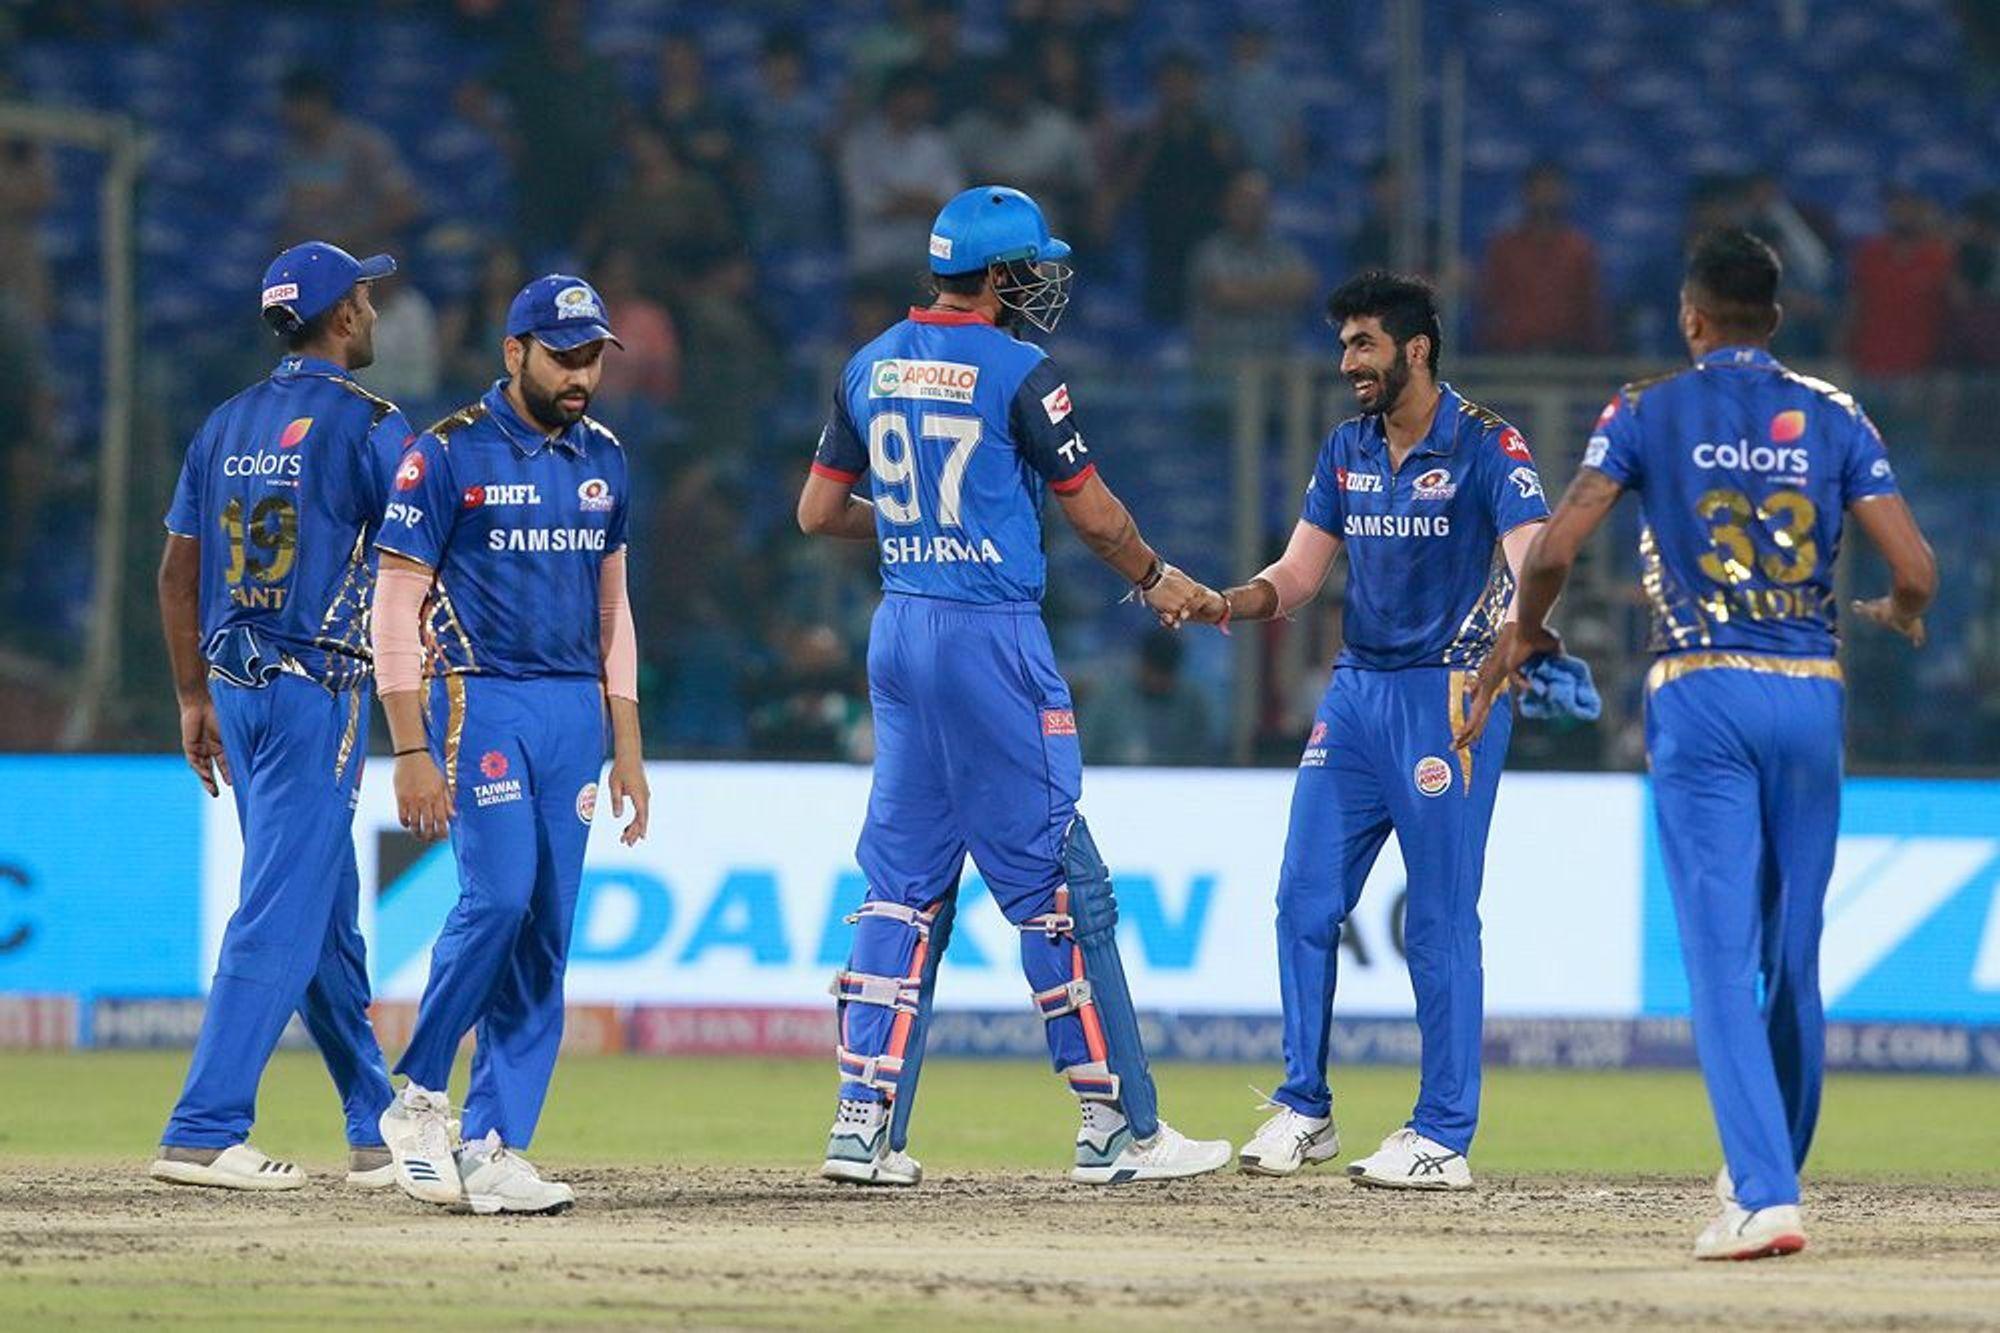 DCvsMI : STATS : मैच में बने 8 रिकार्ड्स, रोहित शर्मा ने 30 रन की पारी में ही बना डाला विश्व रिकॉर्ड